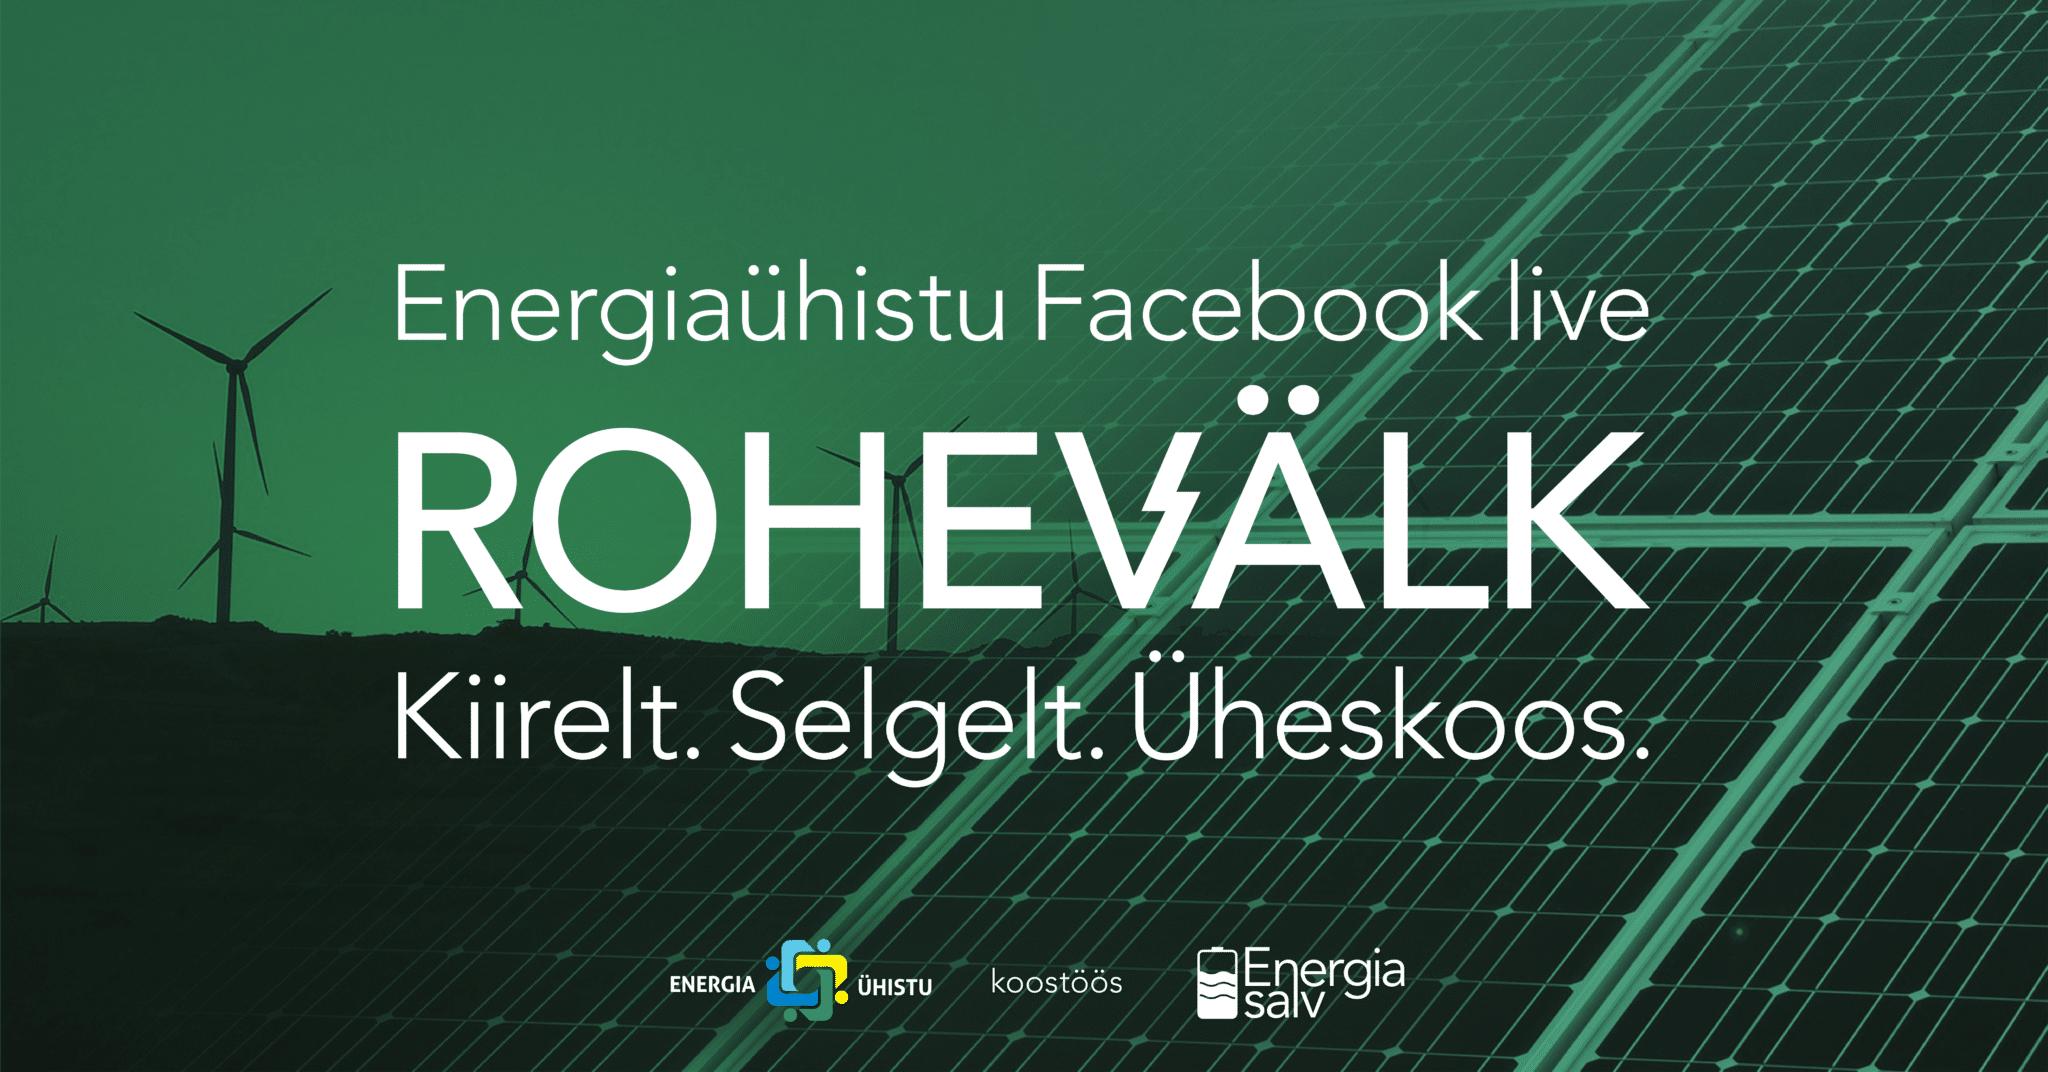 Facebook Live: Rohevälk